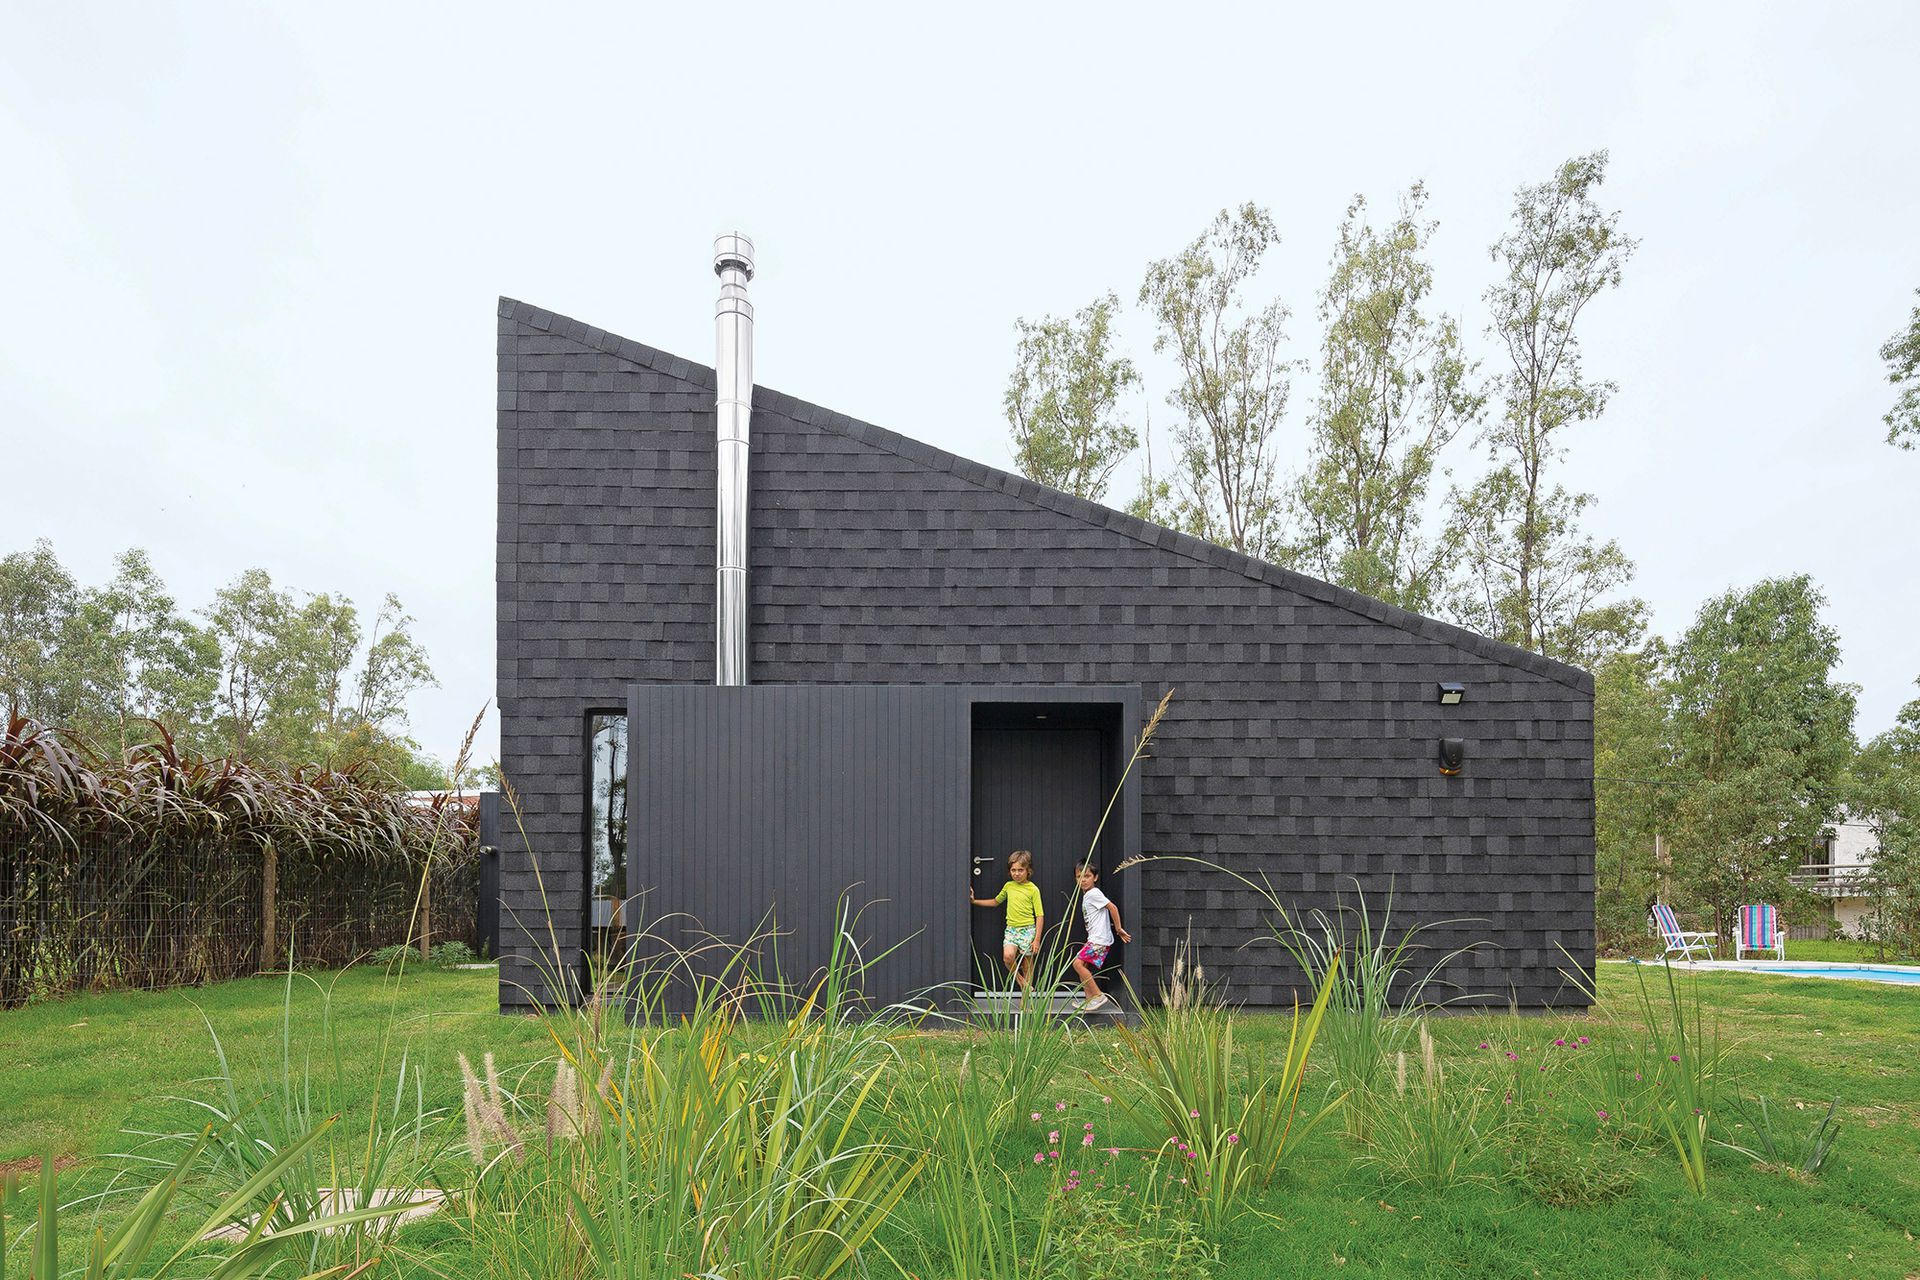 Las tejas asfálticas volumétricas (Iko), frecuentes en techados de construcciones en seco, revisten también el muro para conseguir el efecto de continuidad que caracteriza la obra.